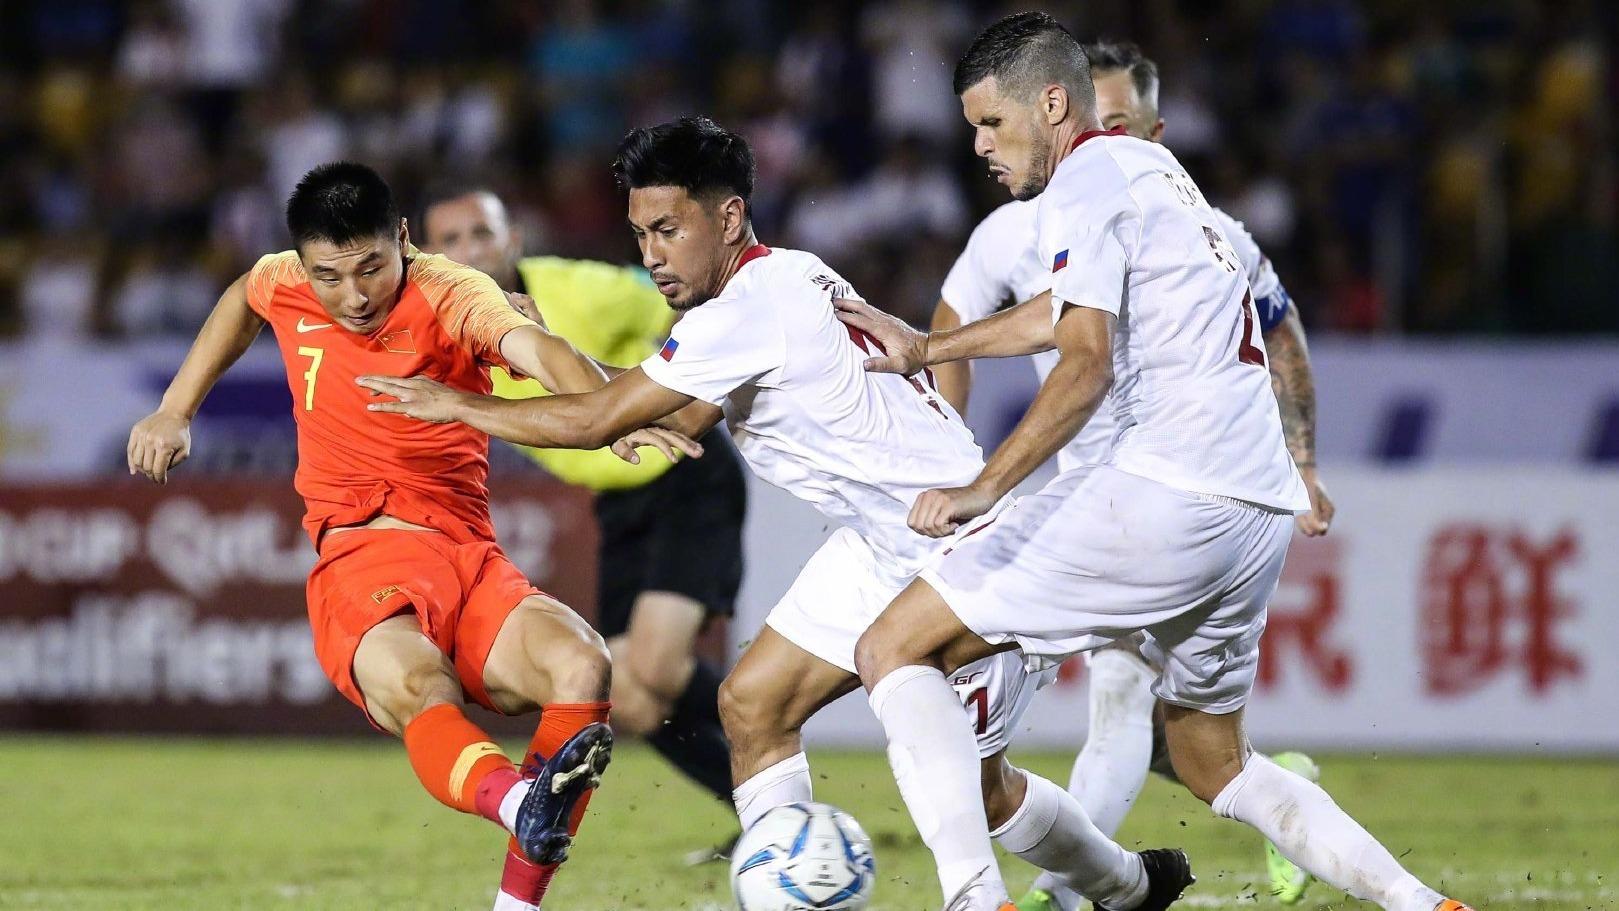 世界杯亚洲区预选赛 国足0比0战平菲律宾